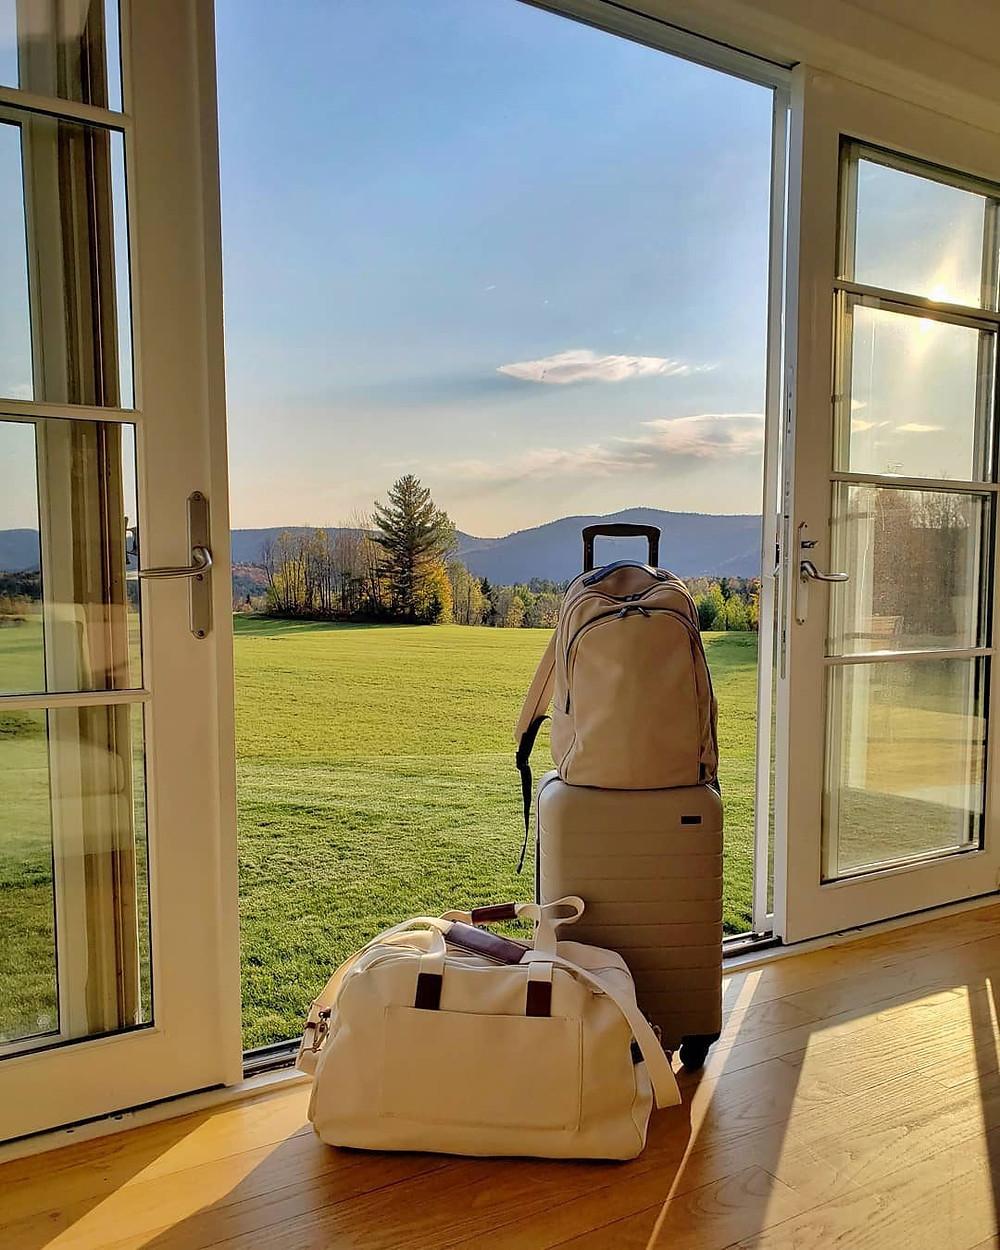 suitcases in door of house